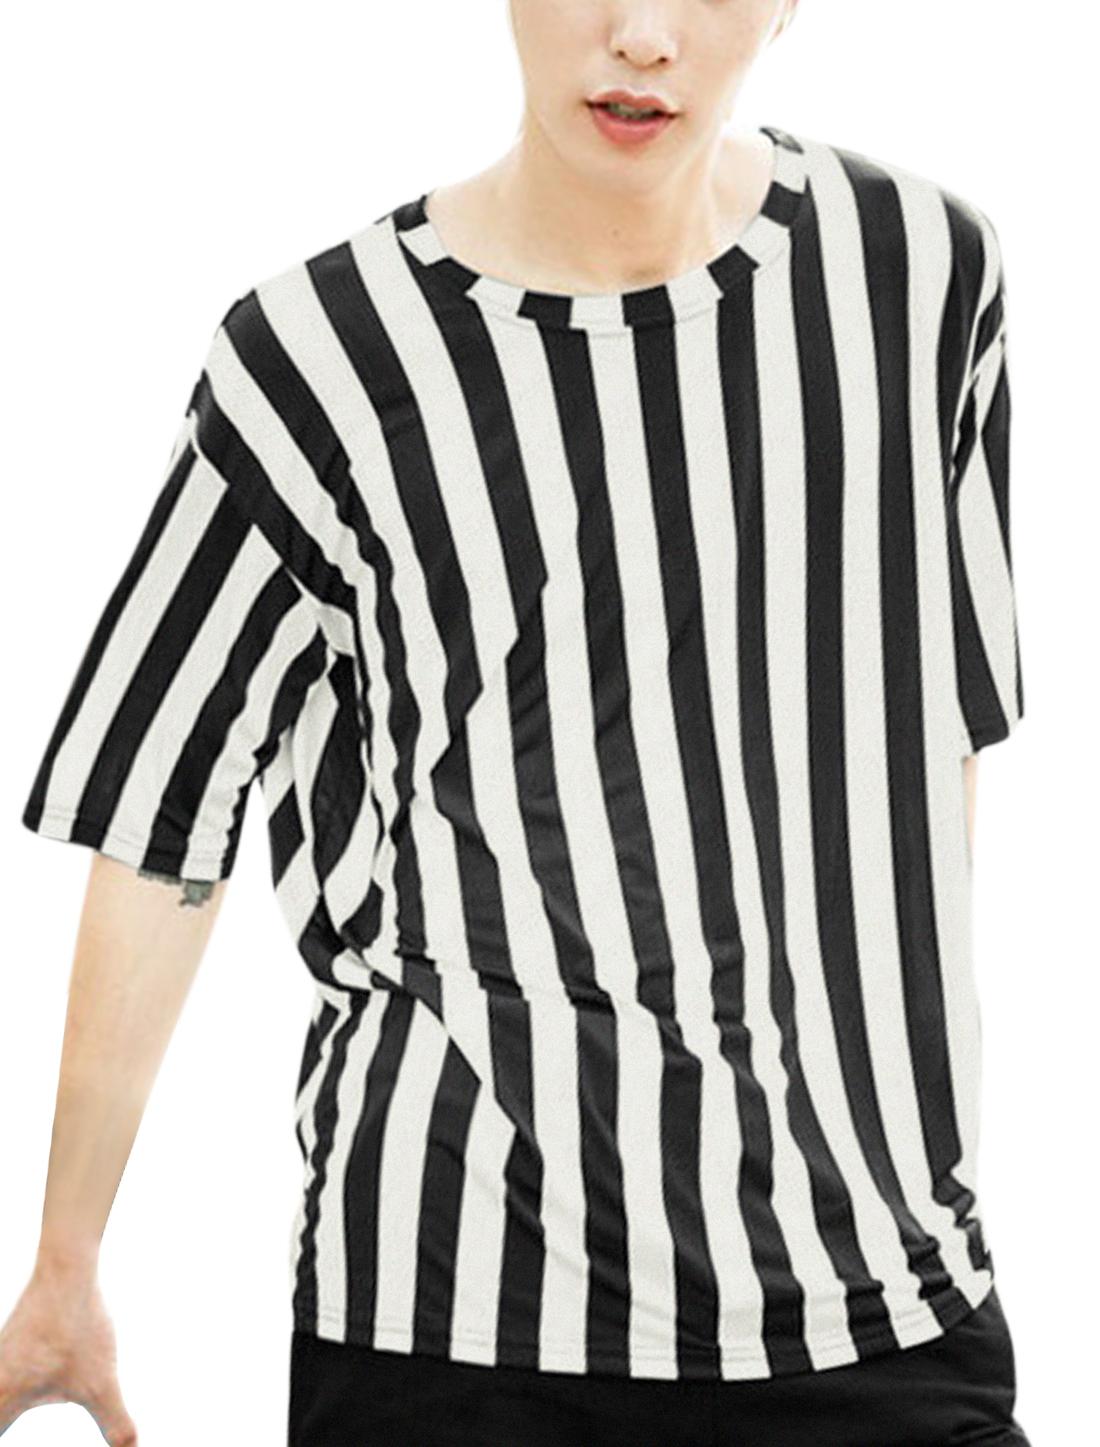 Men Vertical Stripes Short Sleeves Drop Shoulder Tops Black White S